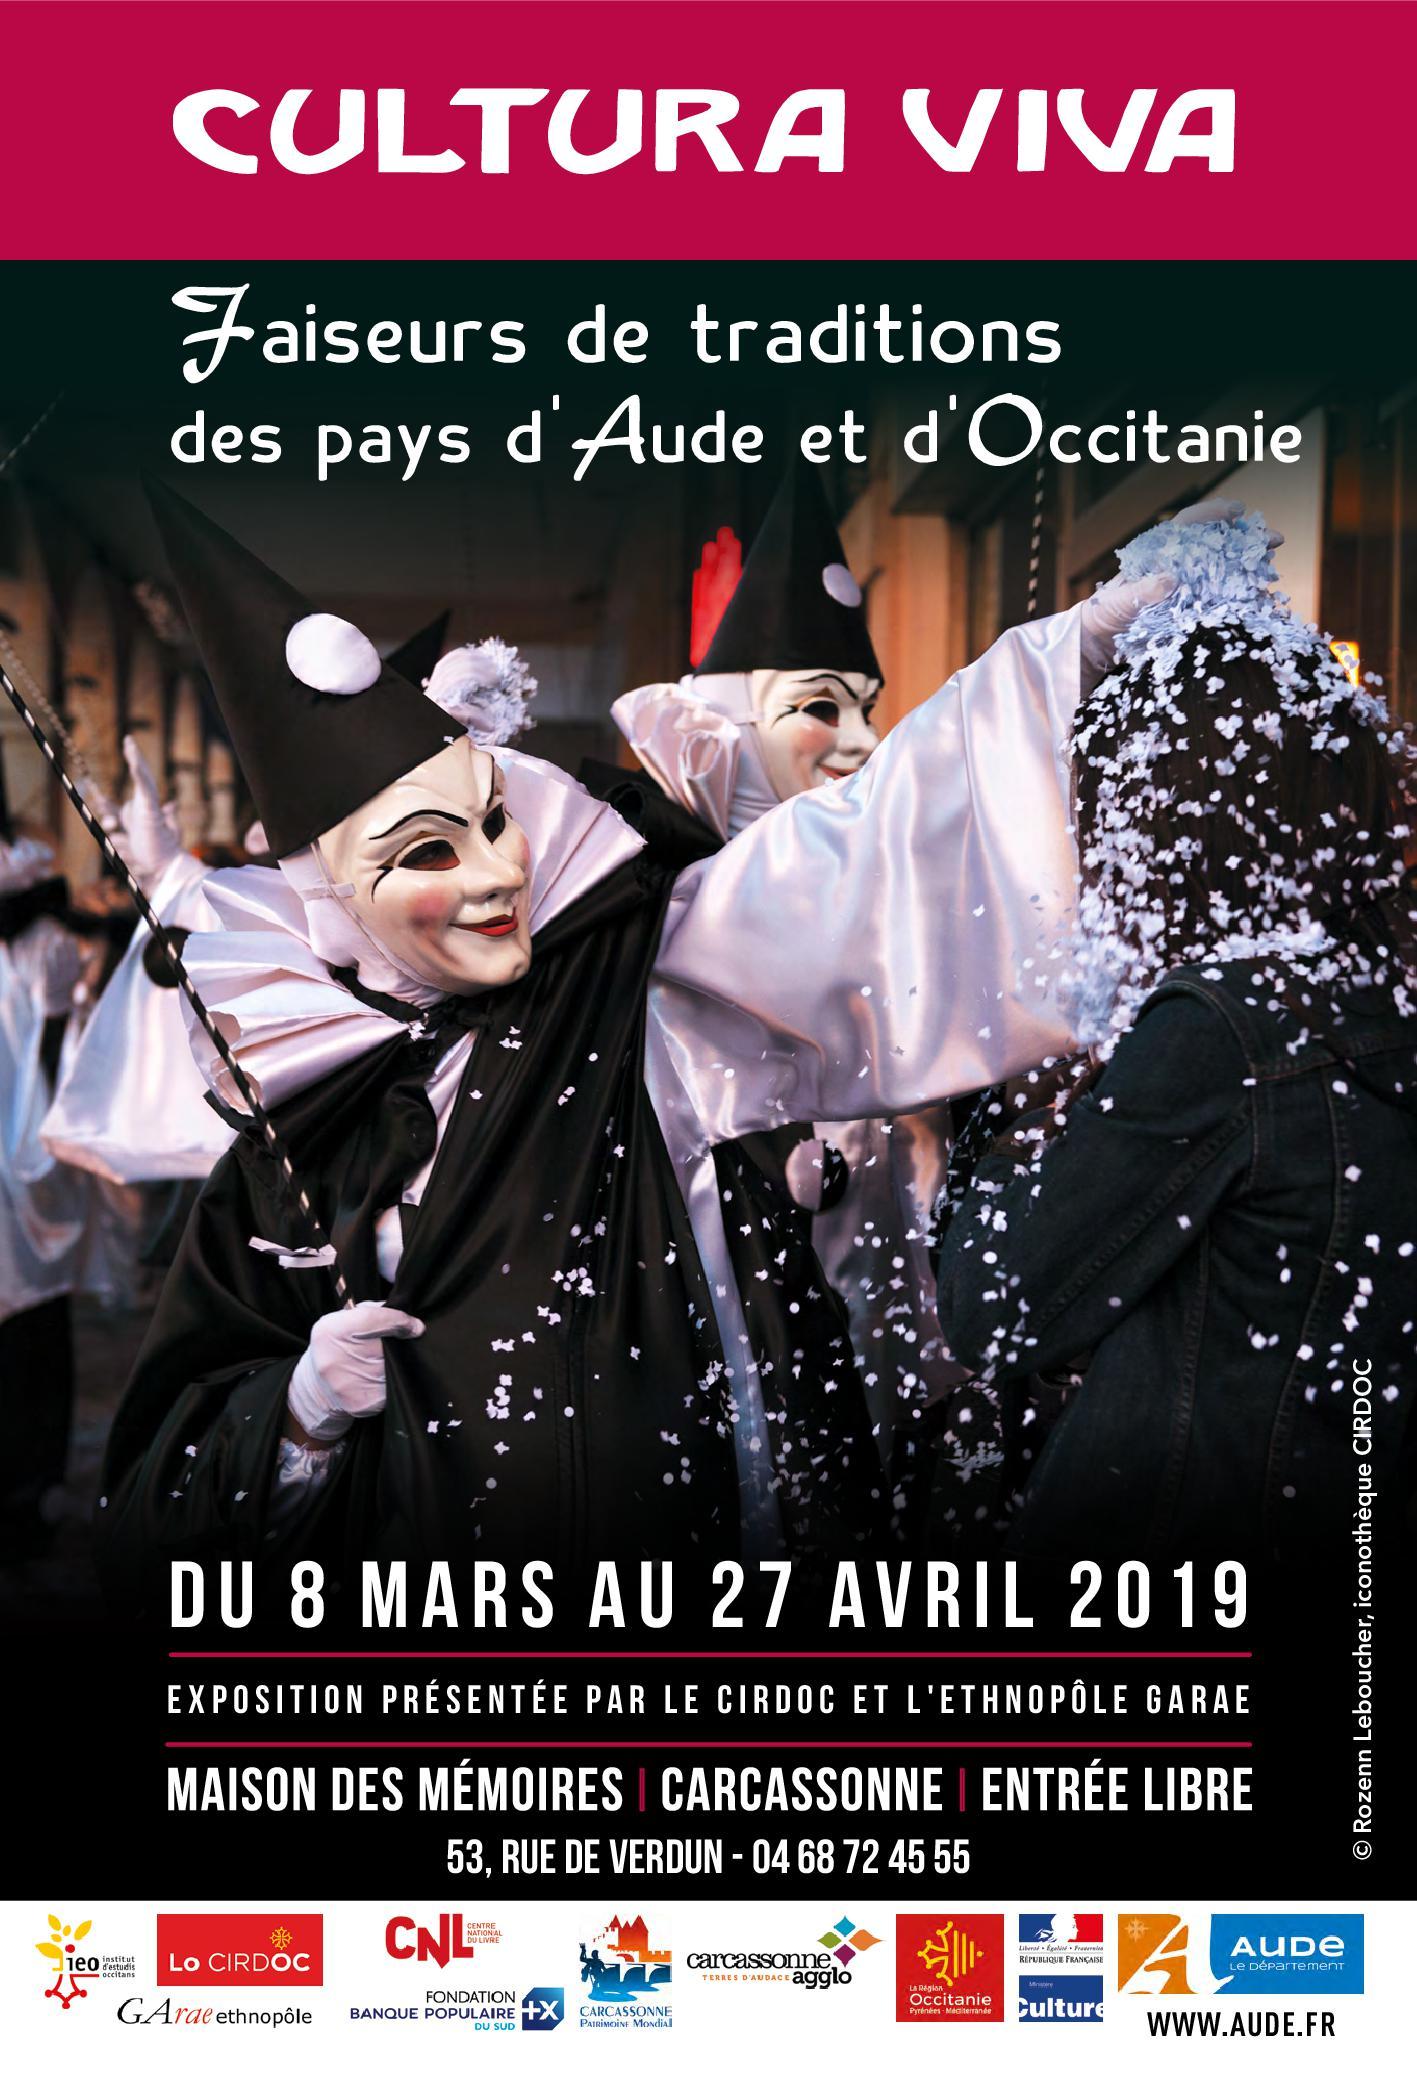 L'exposition « Cultura Viva » à Carcassonne jusqu'au 27/04